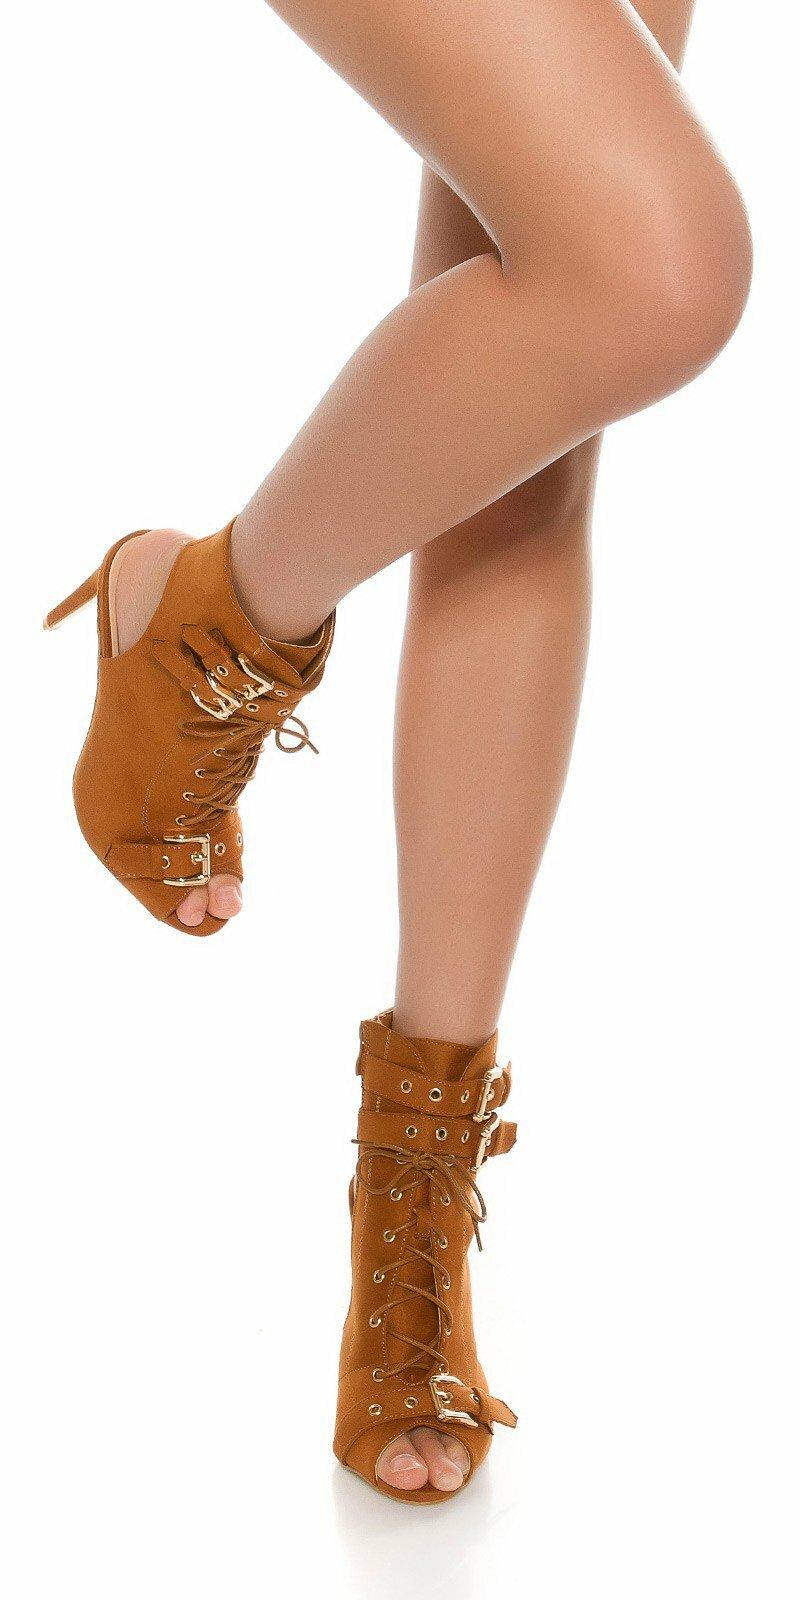 c25d5dfb02 Dámske sexy členkové topánky  Velkosť topánok 37 Farba Bronzová